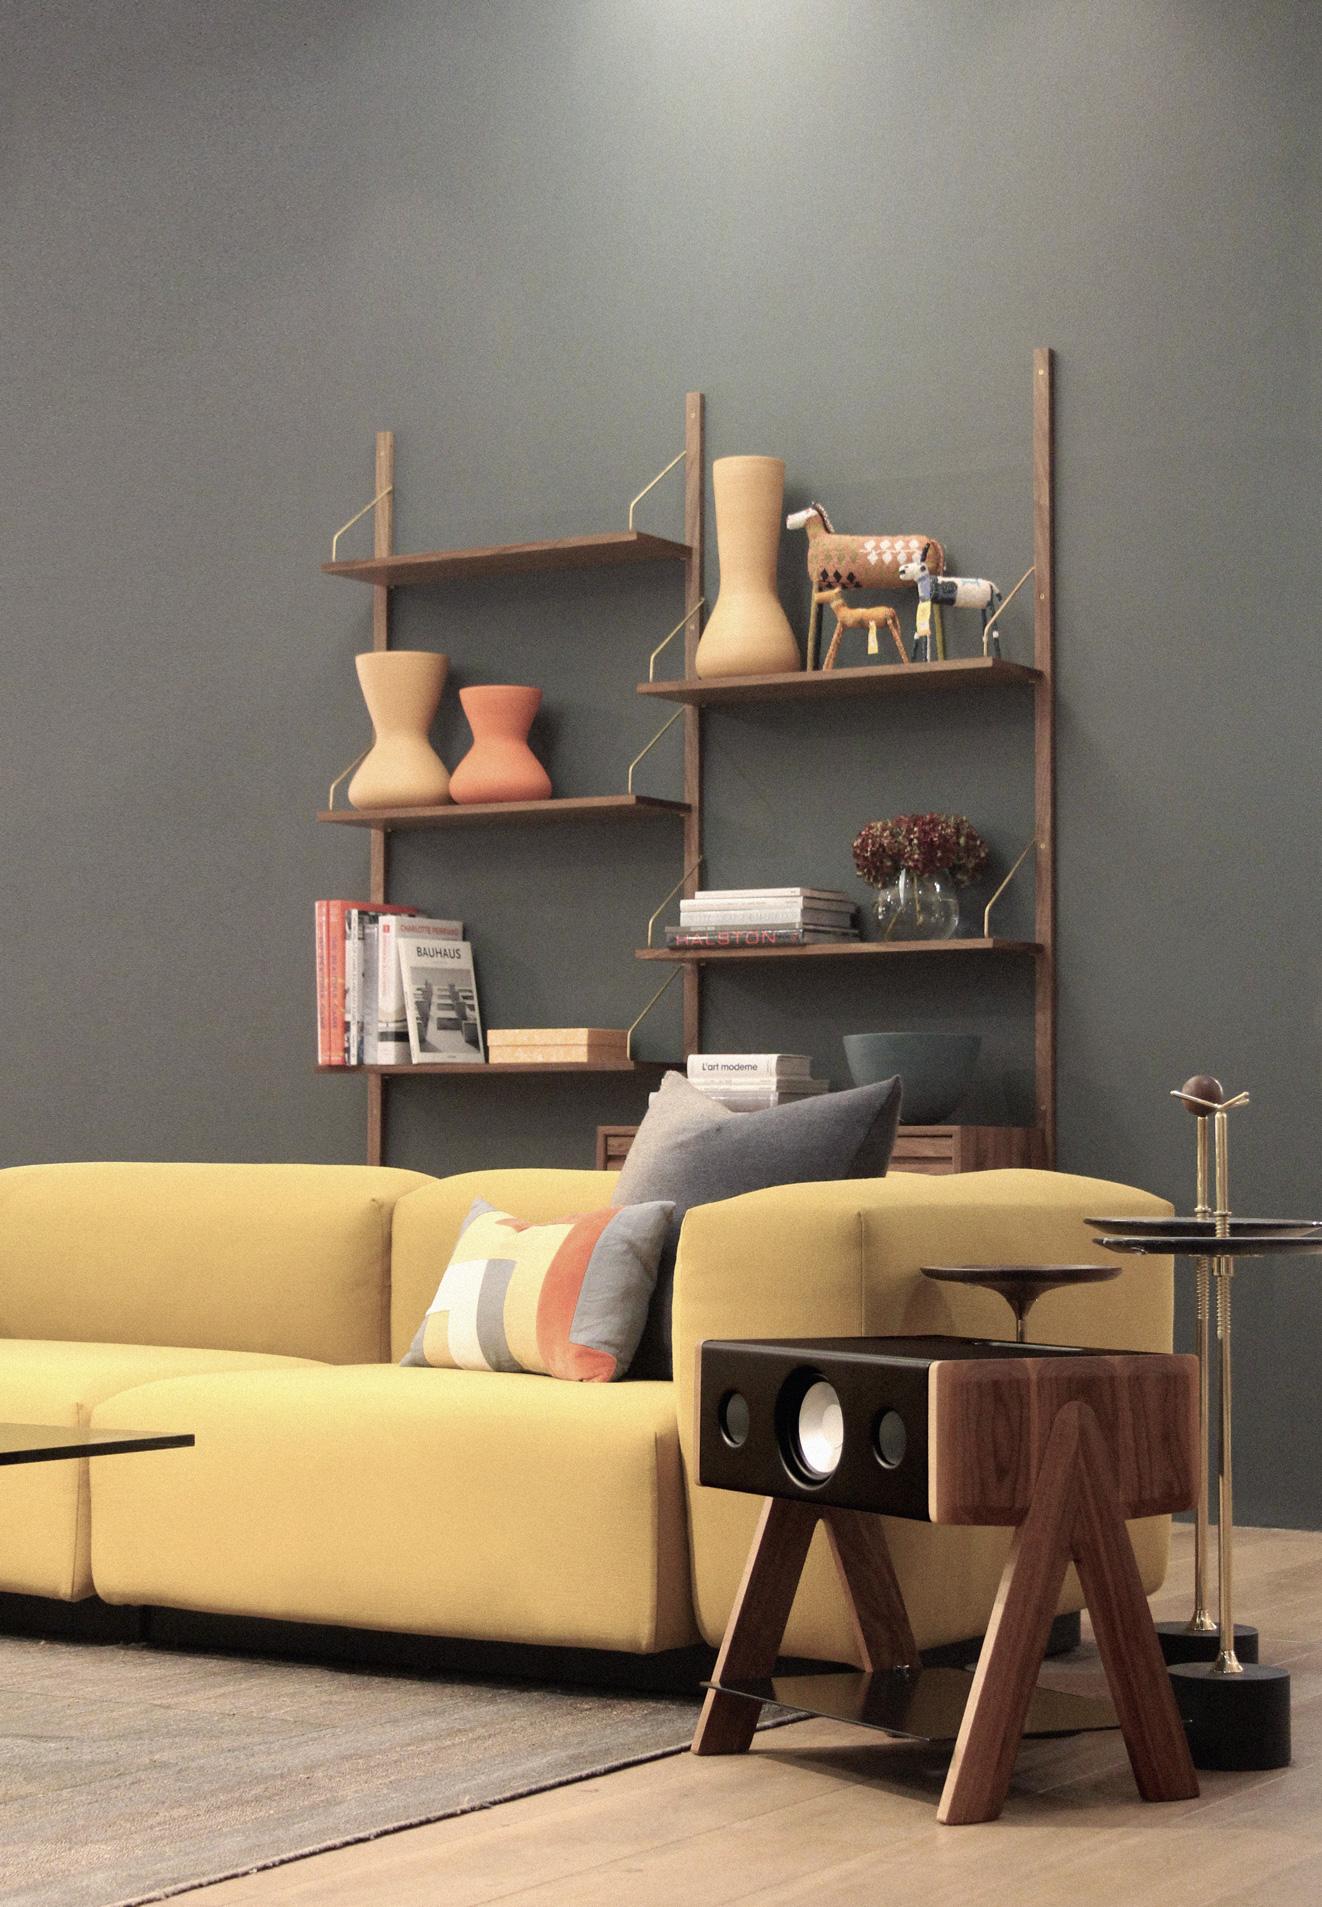 La Boite concept x The Conran Shop - Cube Leather Series - 1.jpg